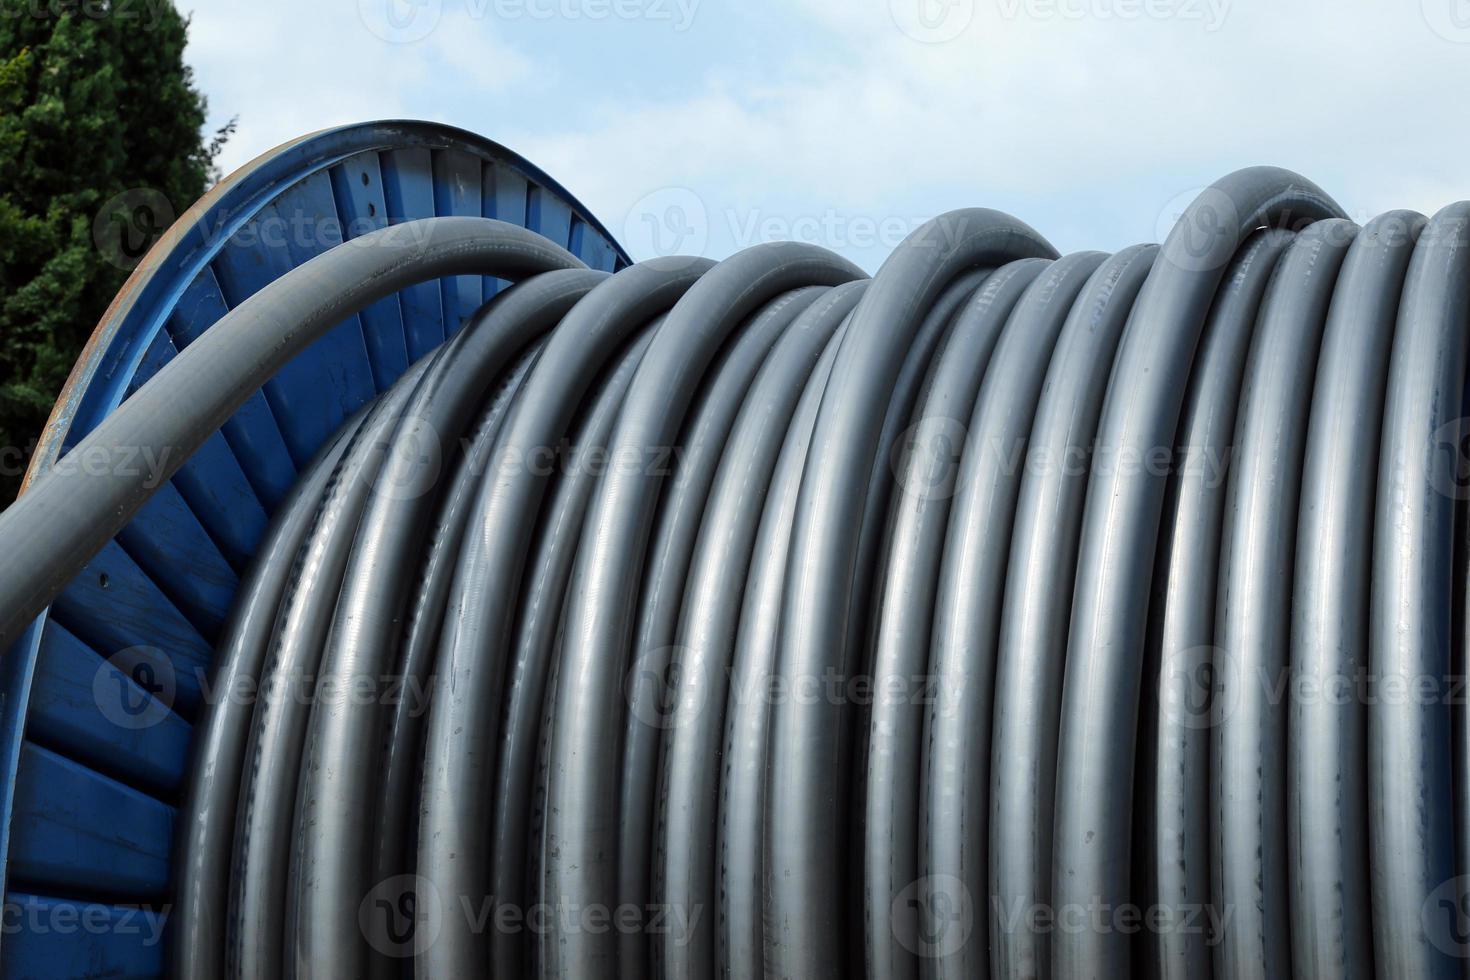 enrouleur de câble à l'infrastructure électrique de la centrale photo